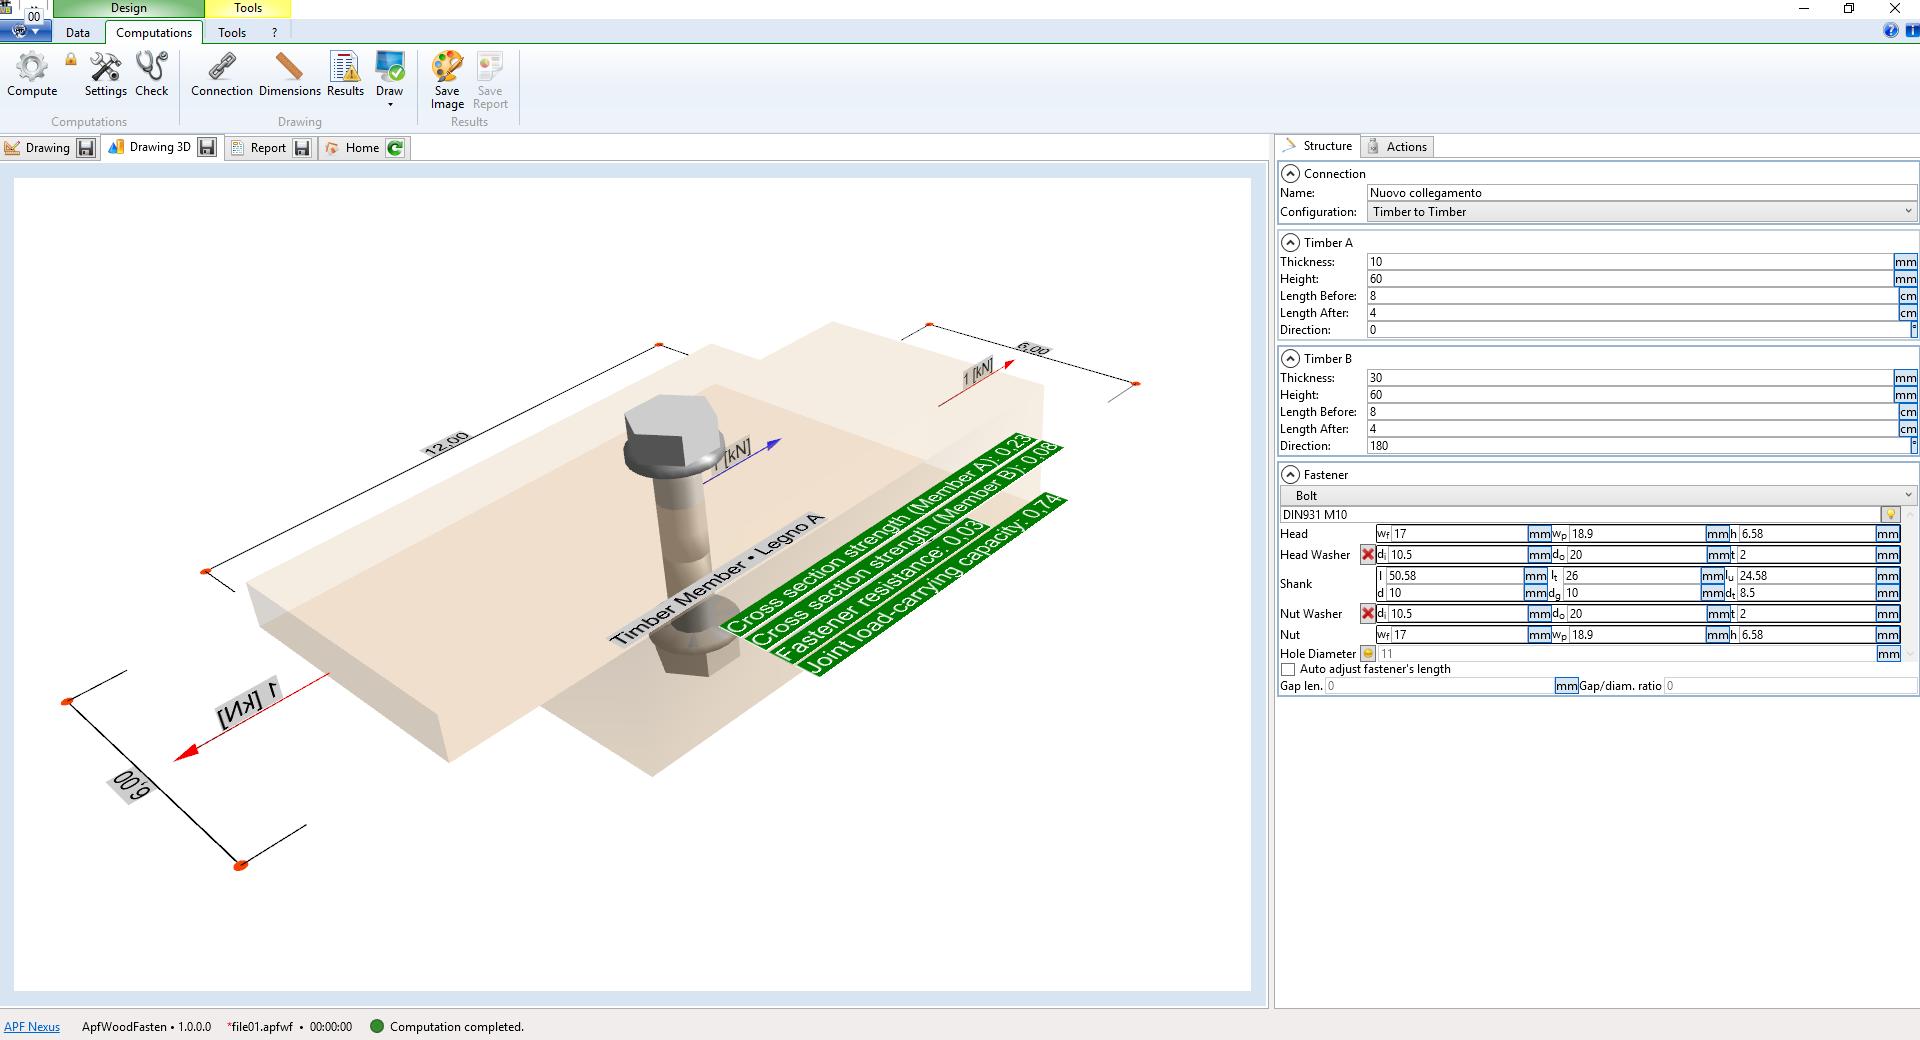 APF Nexus Engineering Software WoodTruss v3.3.0.0